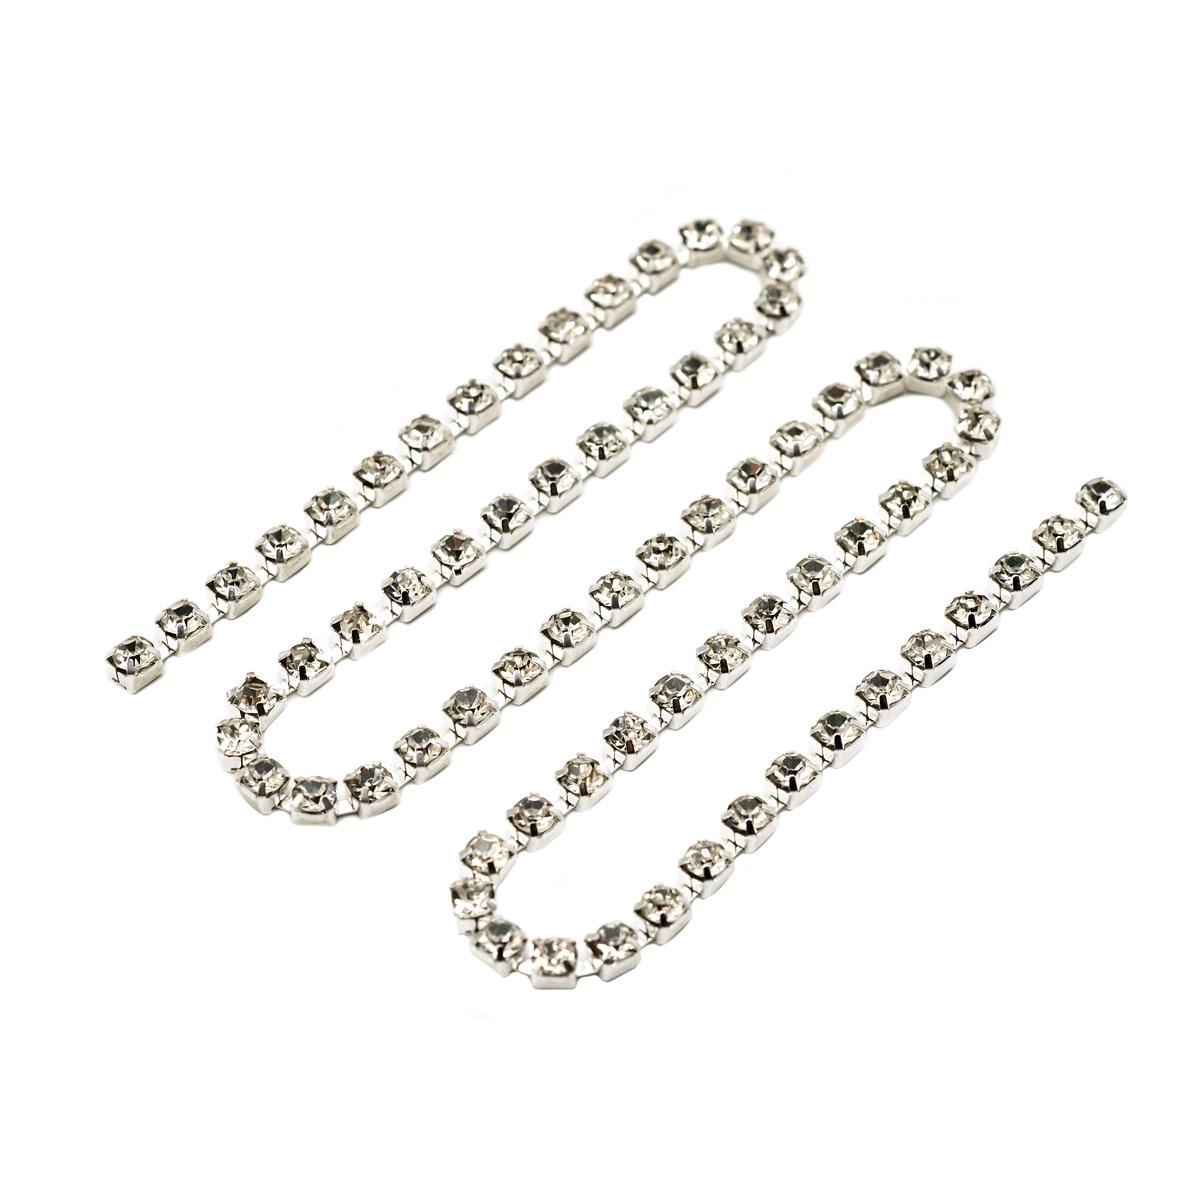 ЦС001СЦ3 Стразовые цепочки (серебро), цвет: белый, размер 3 мм, 30 см/упак.